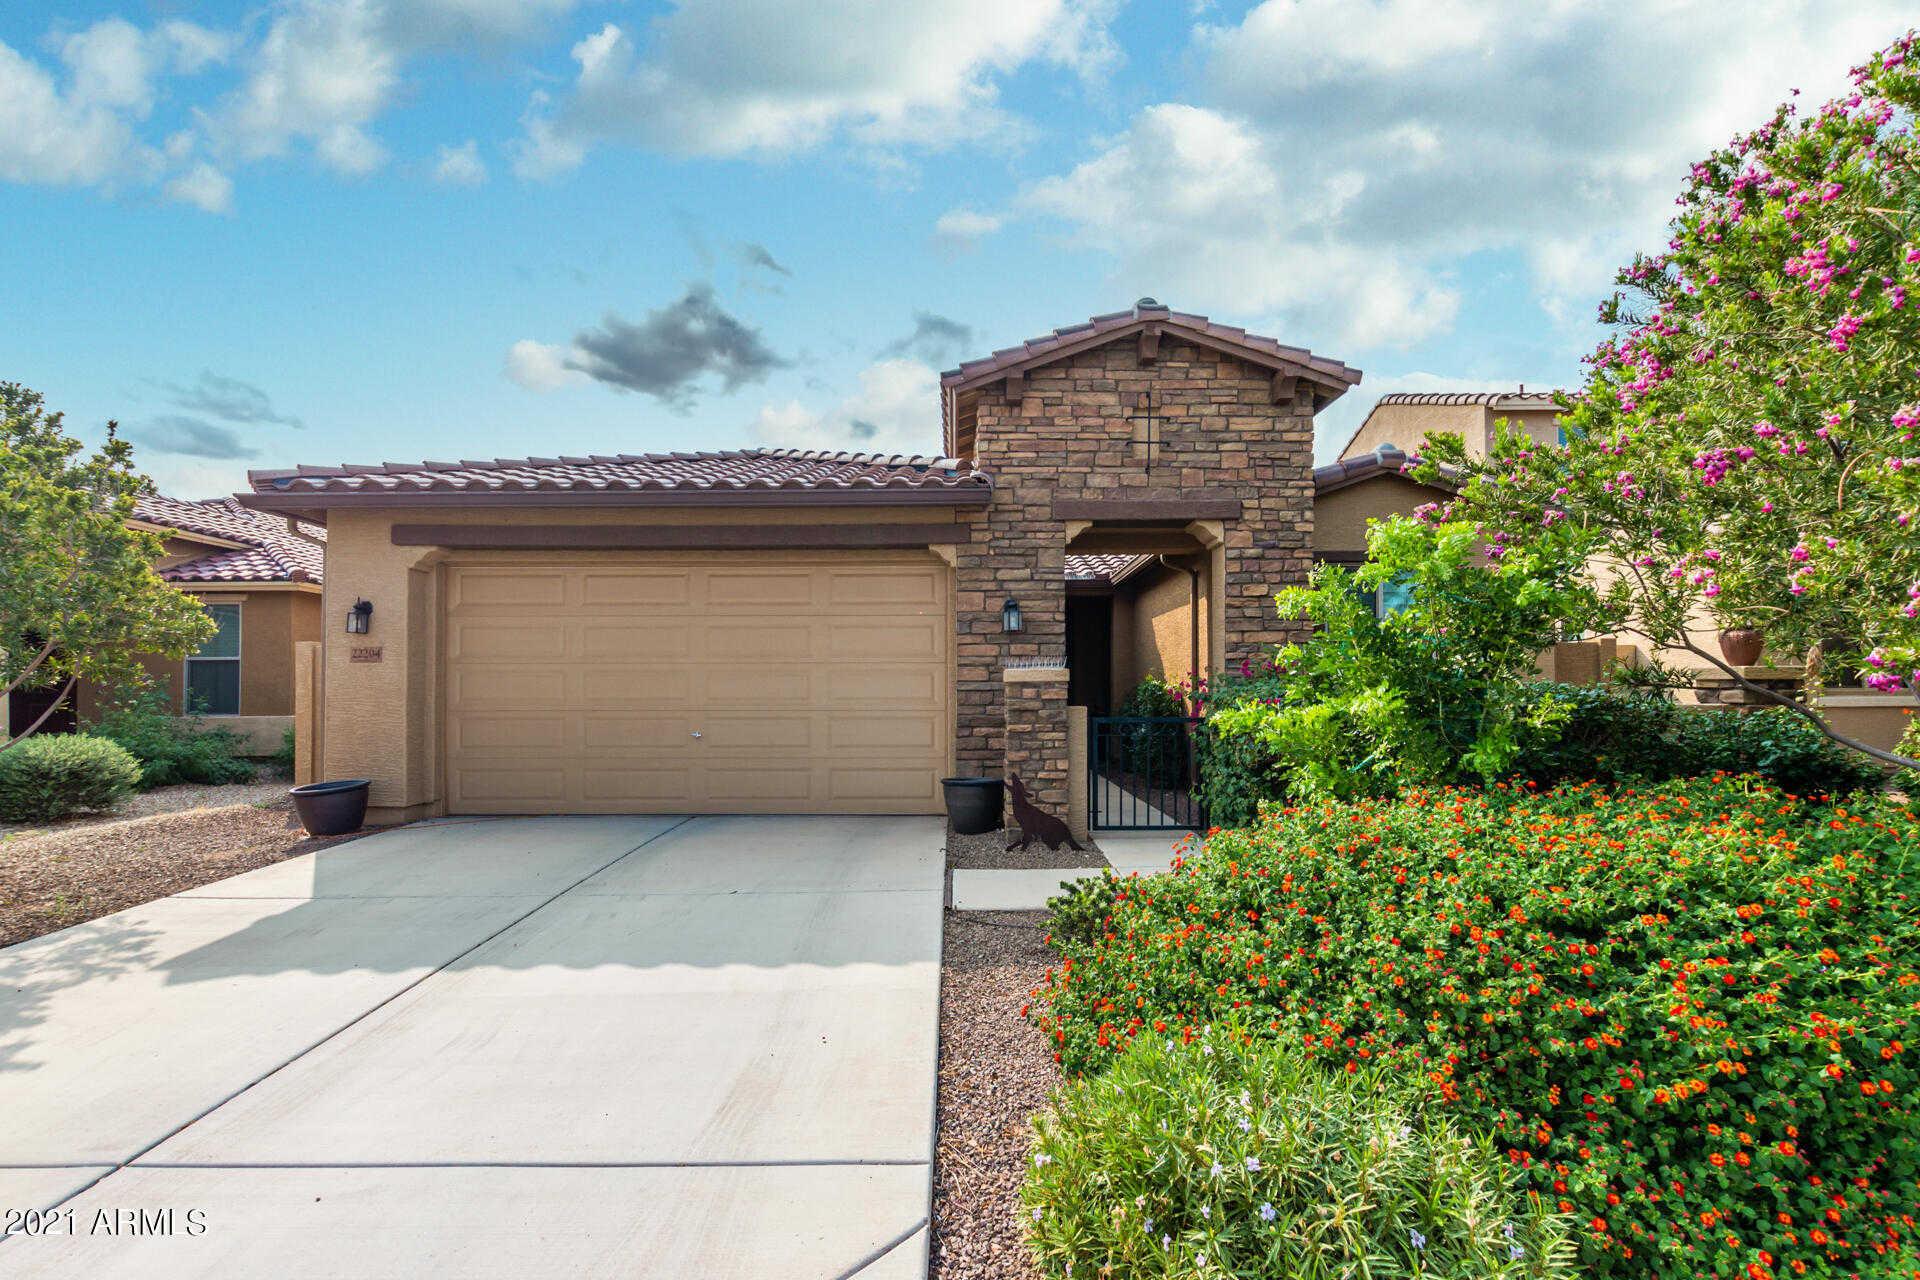 $435,000 - 3Br/2Ba - Home for Sale in Austin Ranch West Parcel 1, Surprise